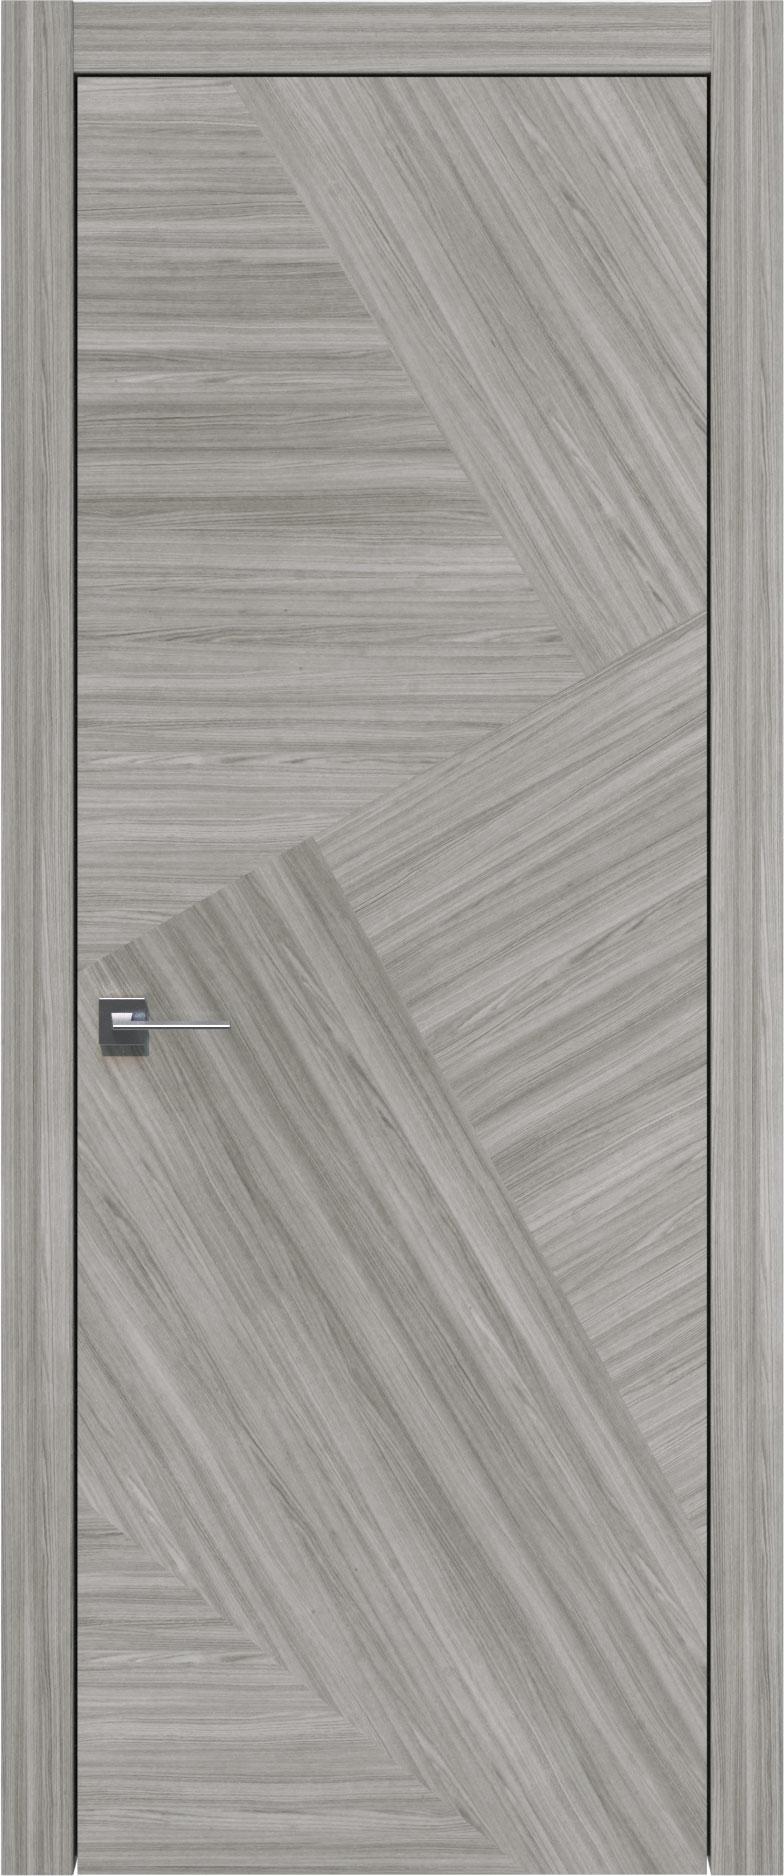 Tivoli М-1 цвет - Орех пепельный Без стекла (ДГ)